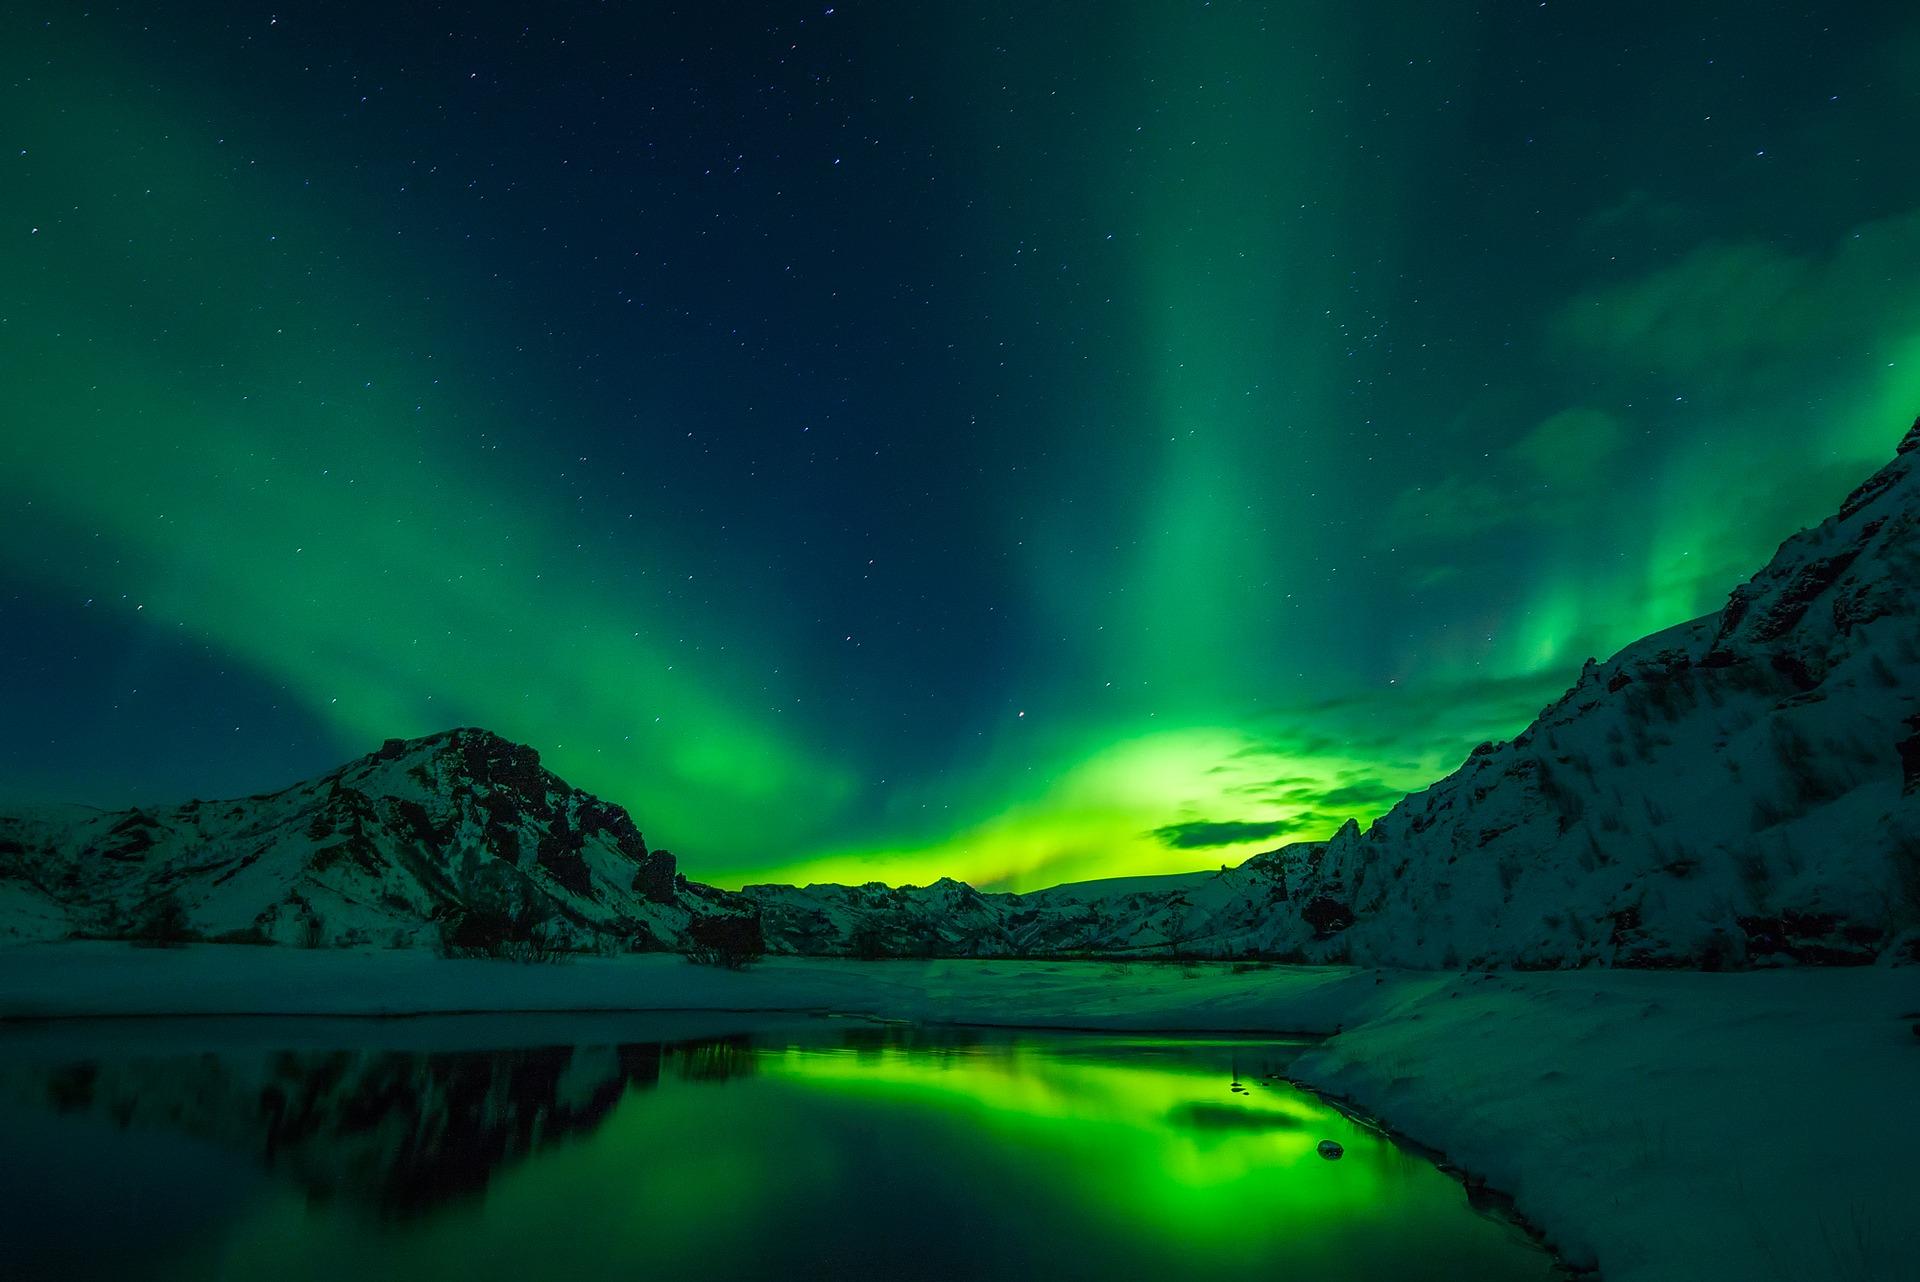 iceland guide reykjavik blue lagoon glaciers northern lights impulse odyssey. Black Bedroom Furniture Sets. Home Design Ideas